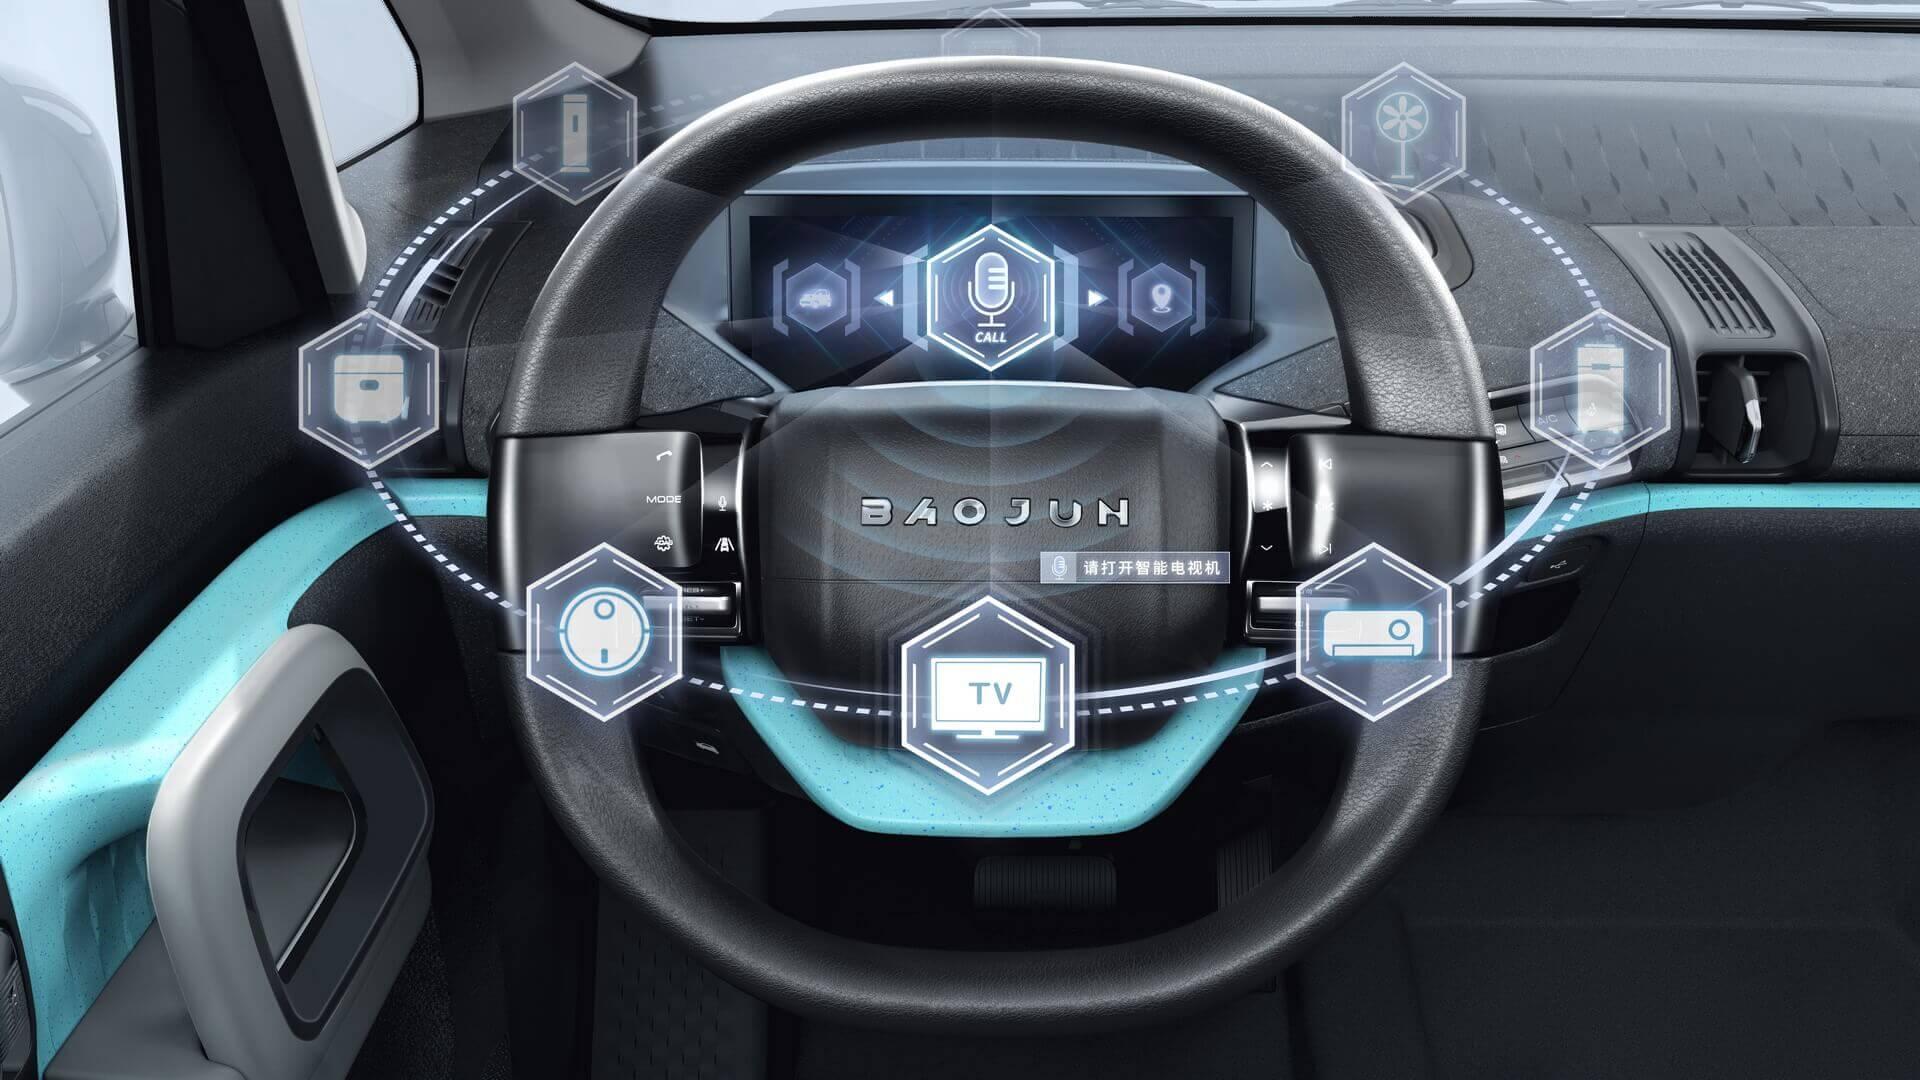 Многофункциональное рулевое колесо с сенсорным экраном в Baojun E300